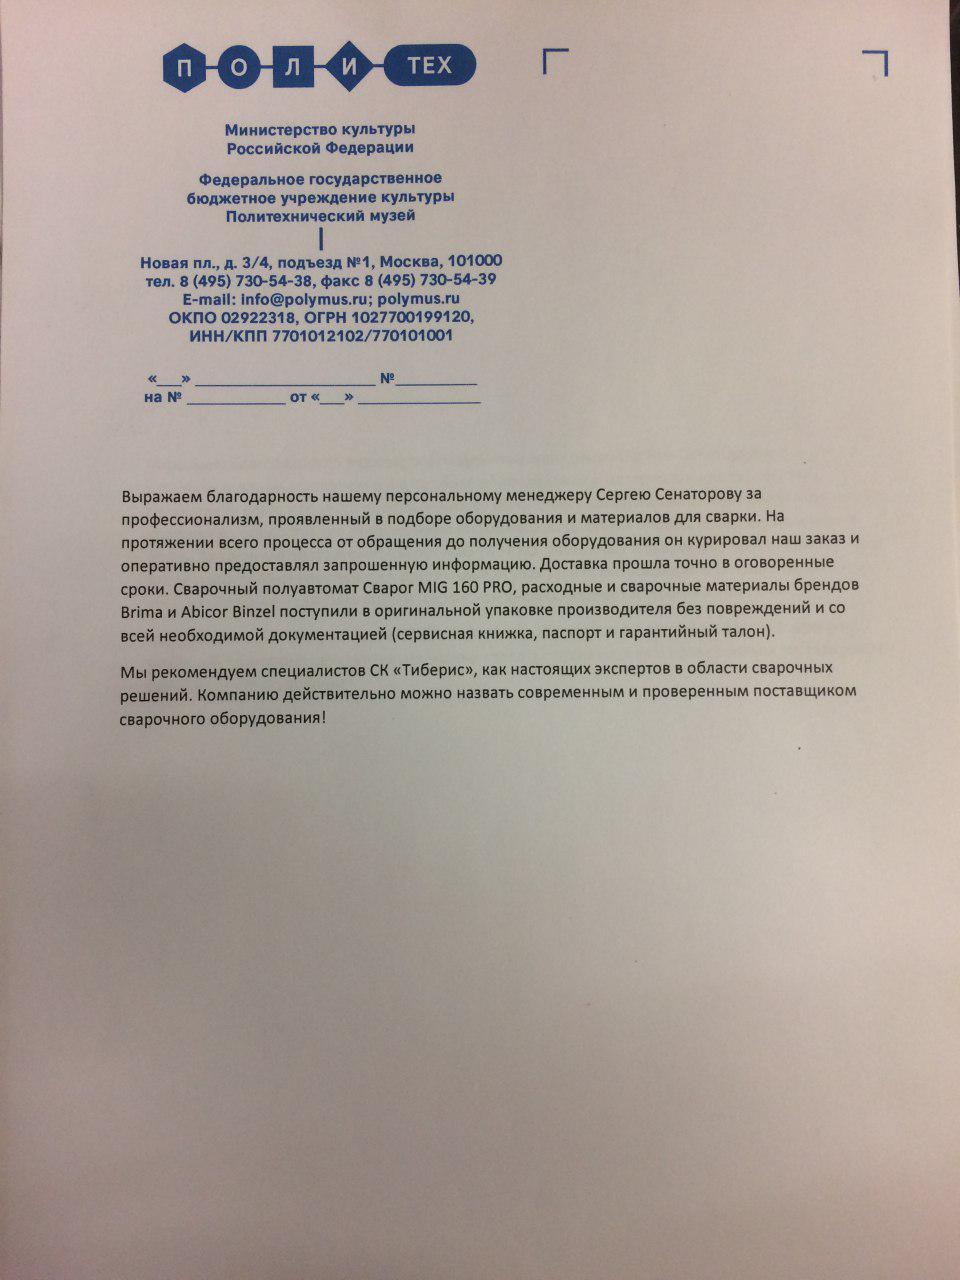 Отзыв о работе Тиберис от ФГБУК «Политехнический музей»